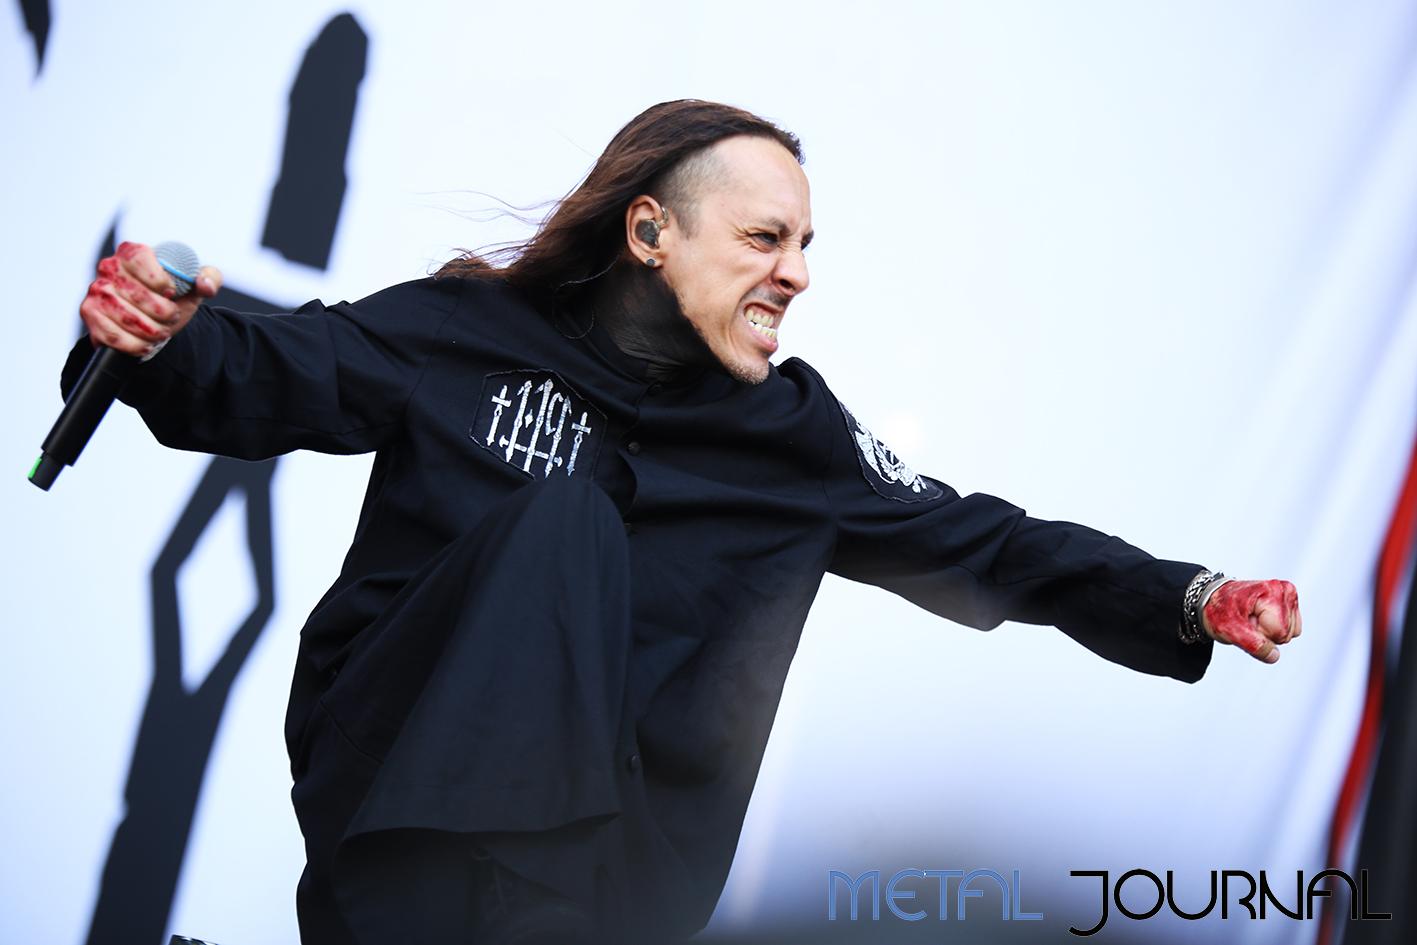 lacuna coil - leyendas del rock 2019 metal journal pic 5